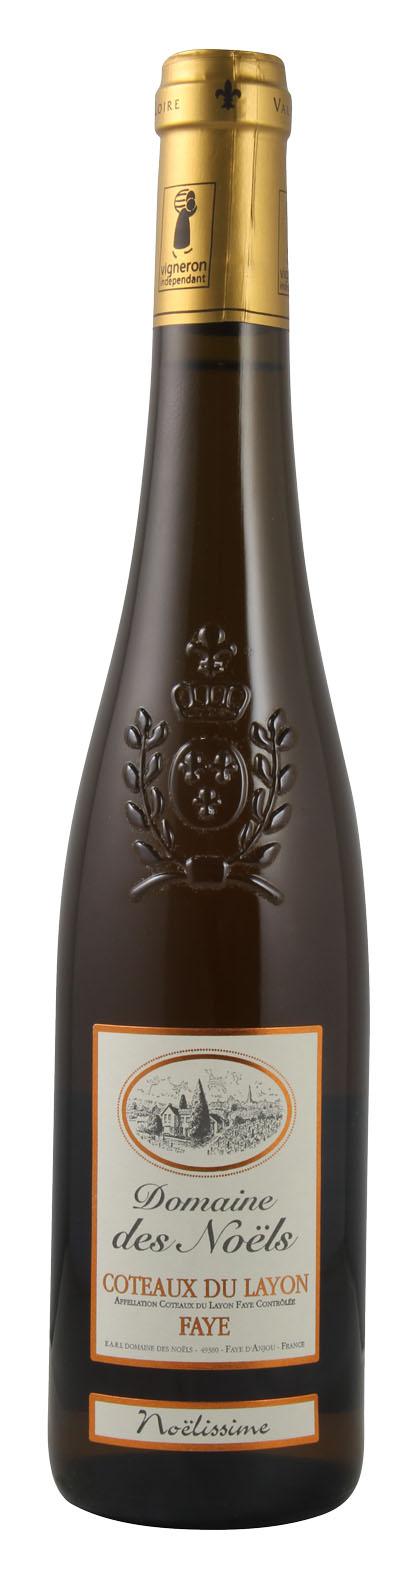 Vin doux Coteau du Layon